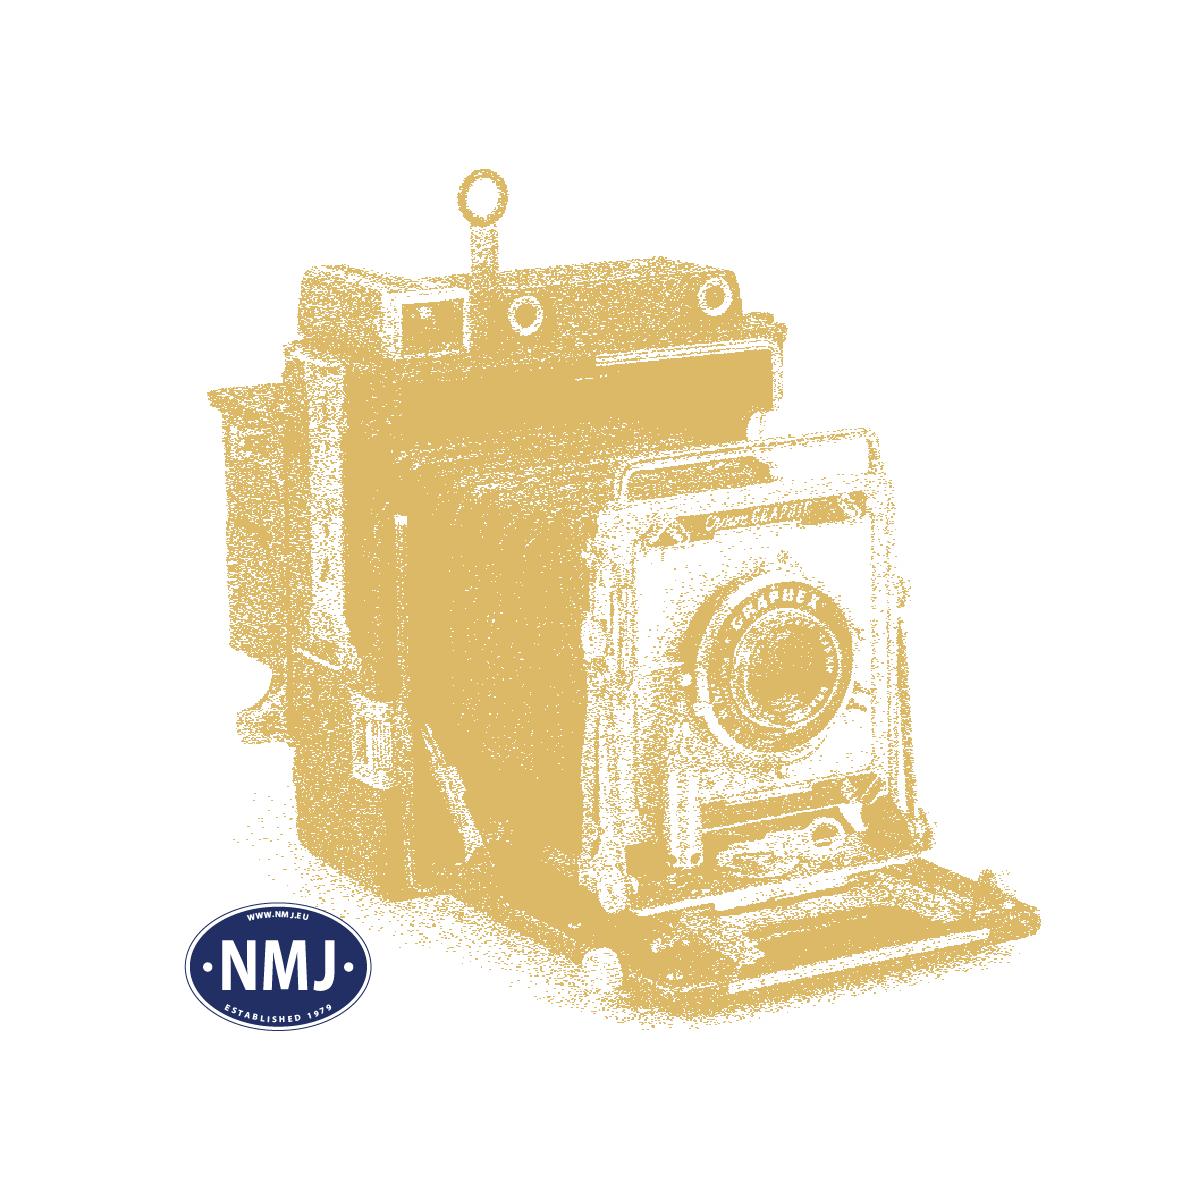 NMJT101.304 - NMJ Topline Schlafwagen WLABK 21080der NSB, rot